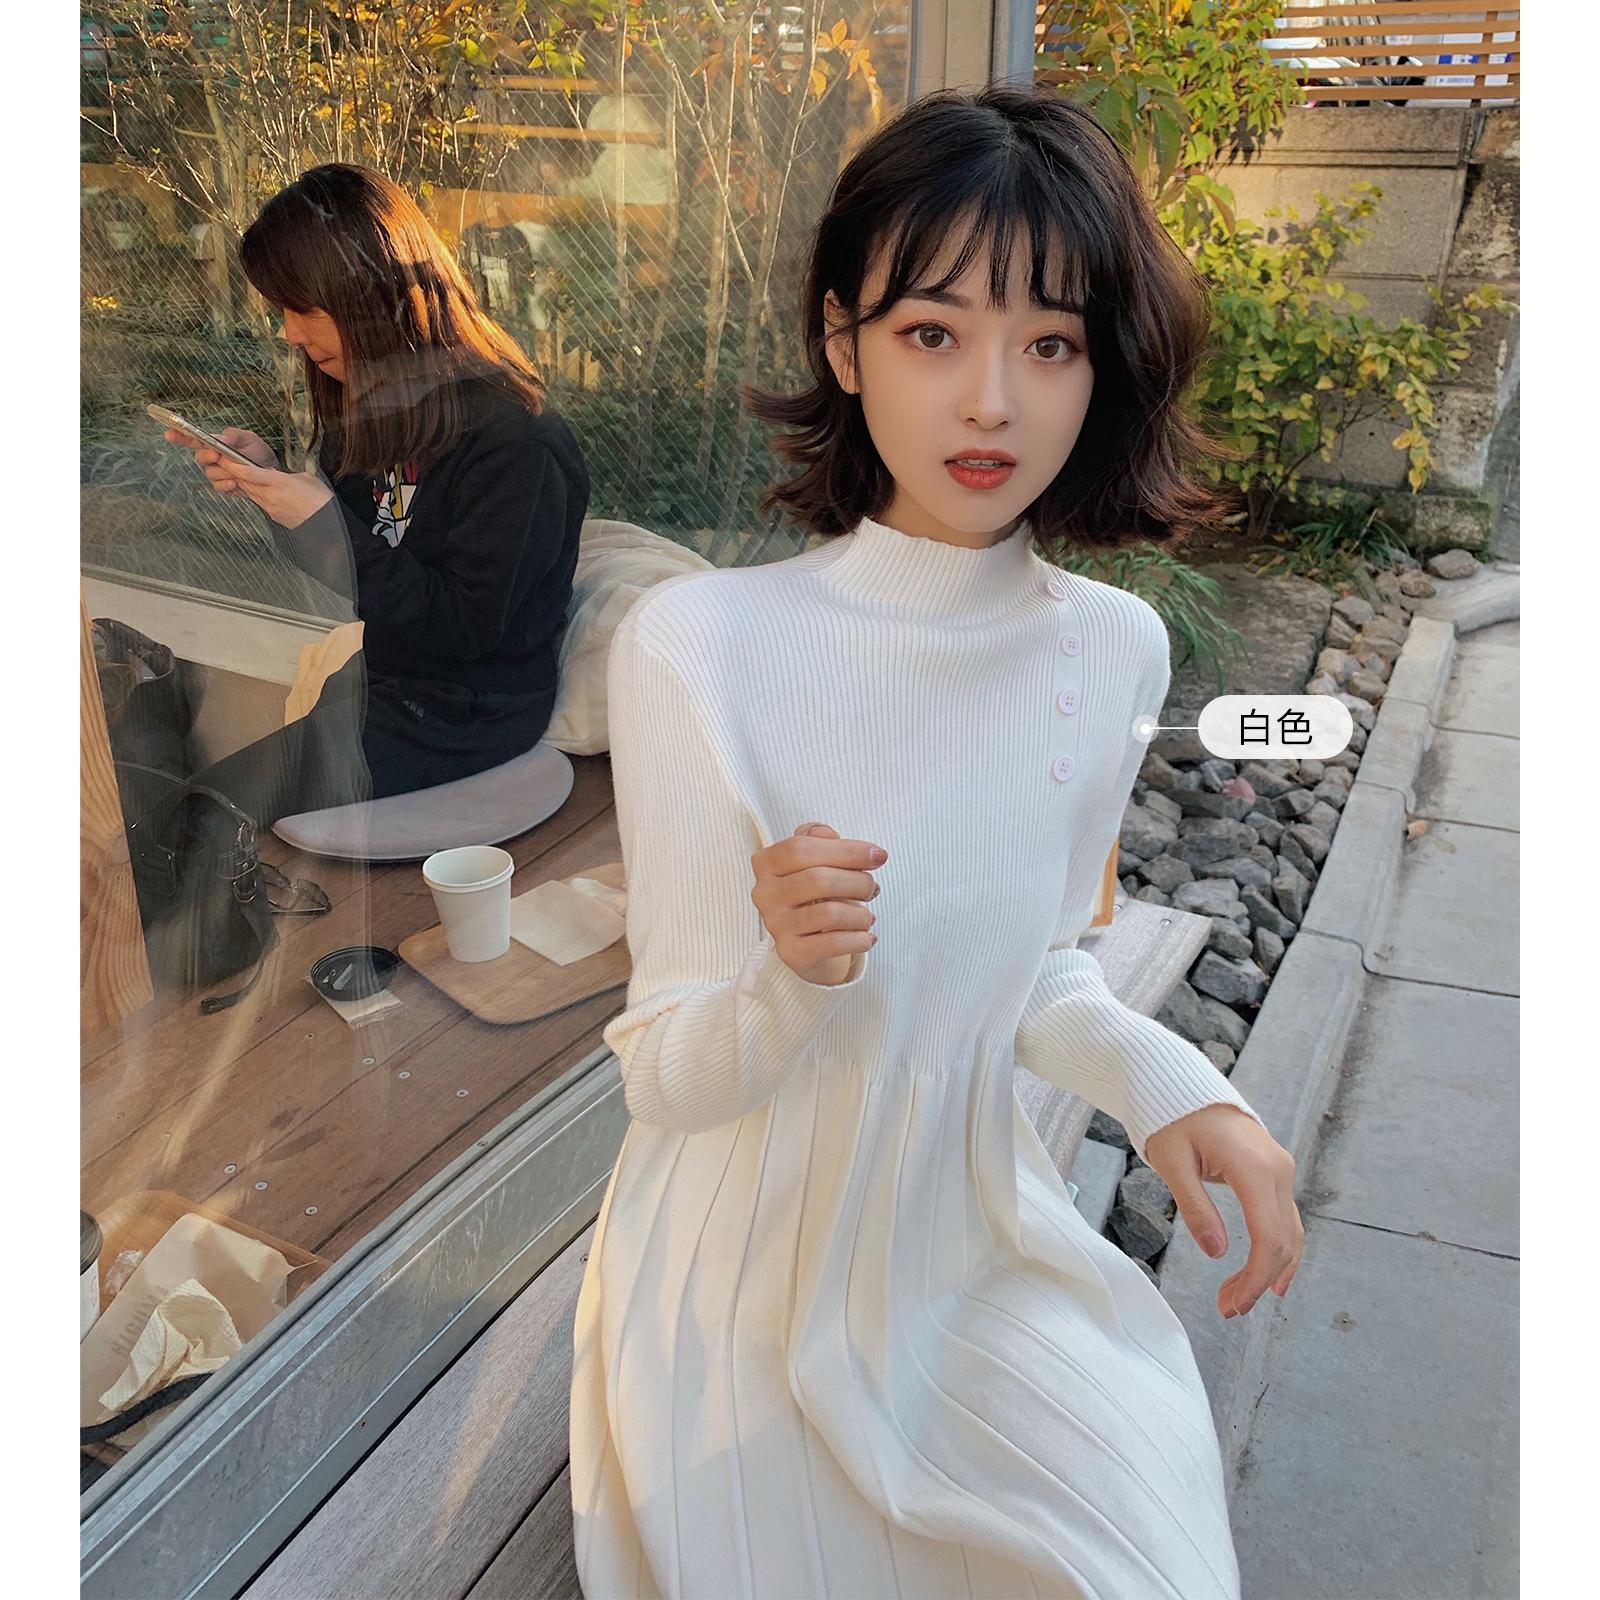 林珊珊侧边扣子针织连衣裙女秋冬内搭淑女小个子新款裙子2020流行